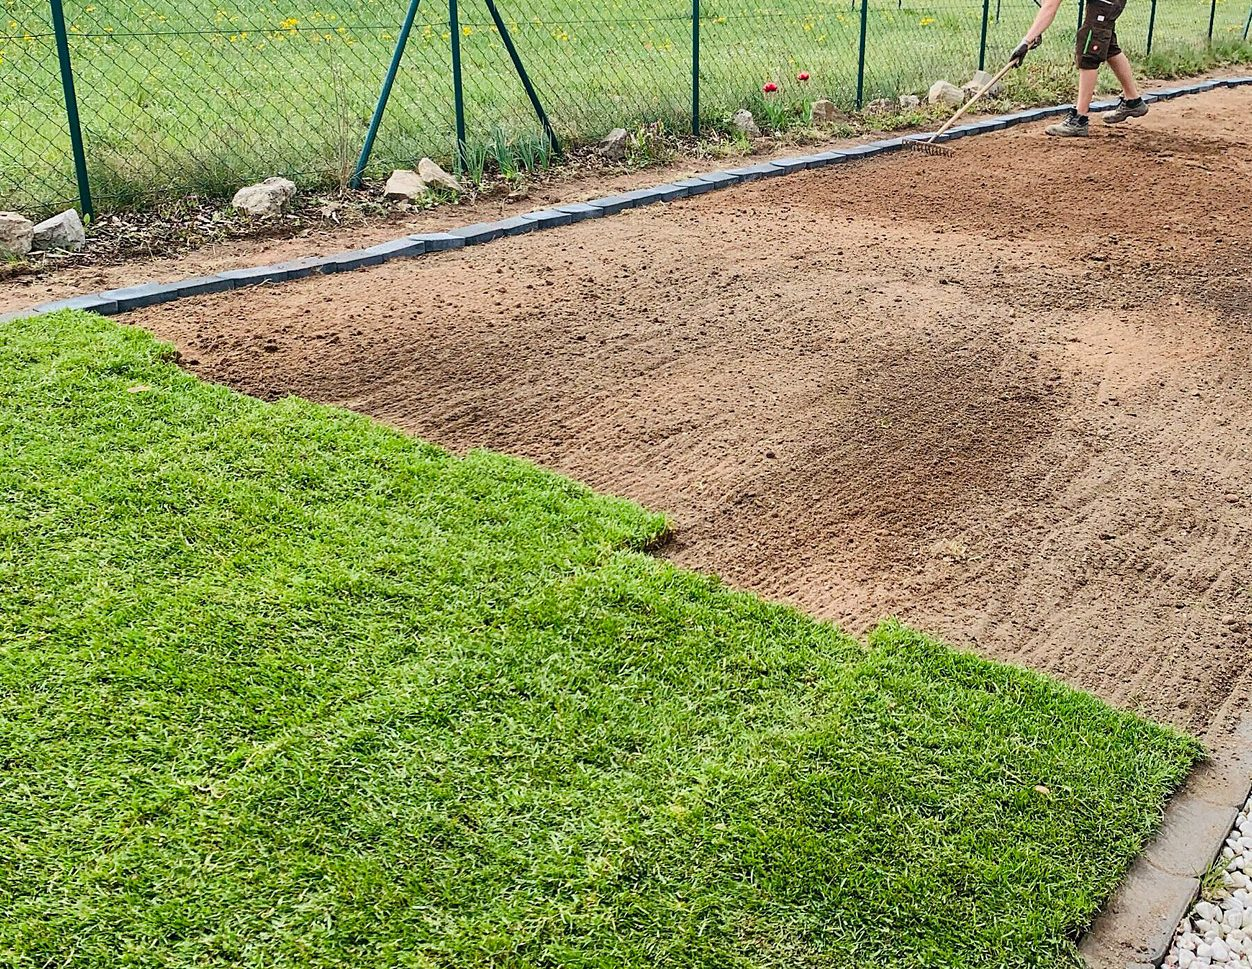 Greenkeepers Gartenbau - Unterbauarbeiten für Rollrasen